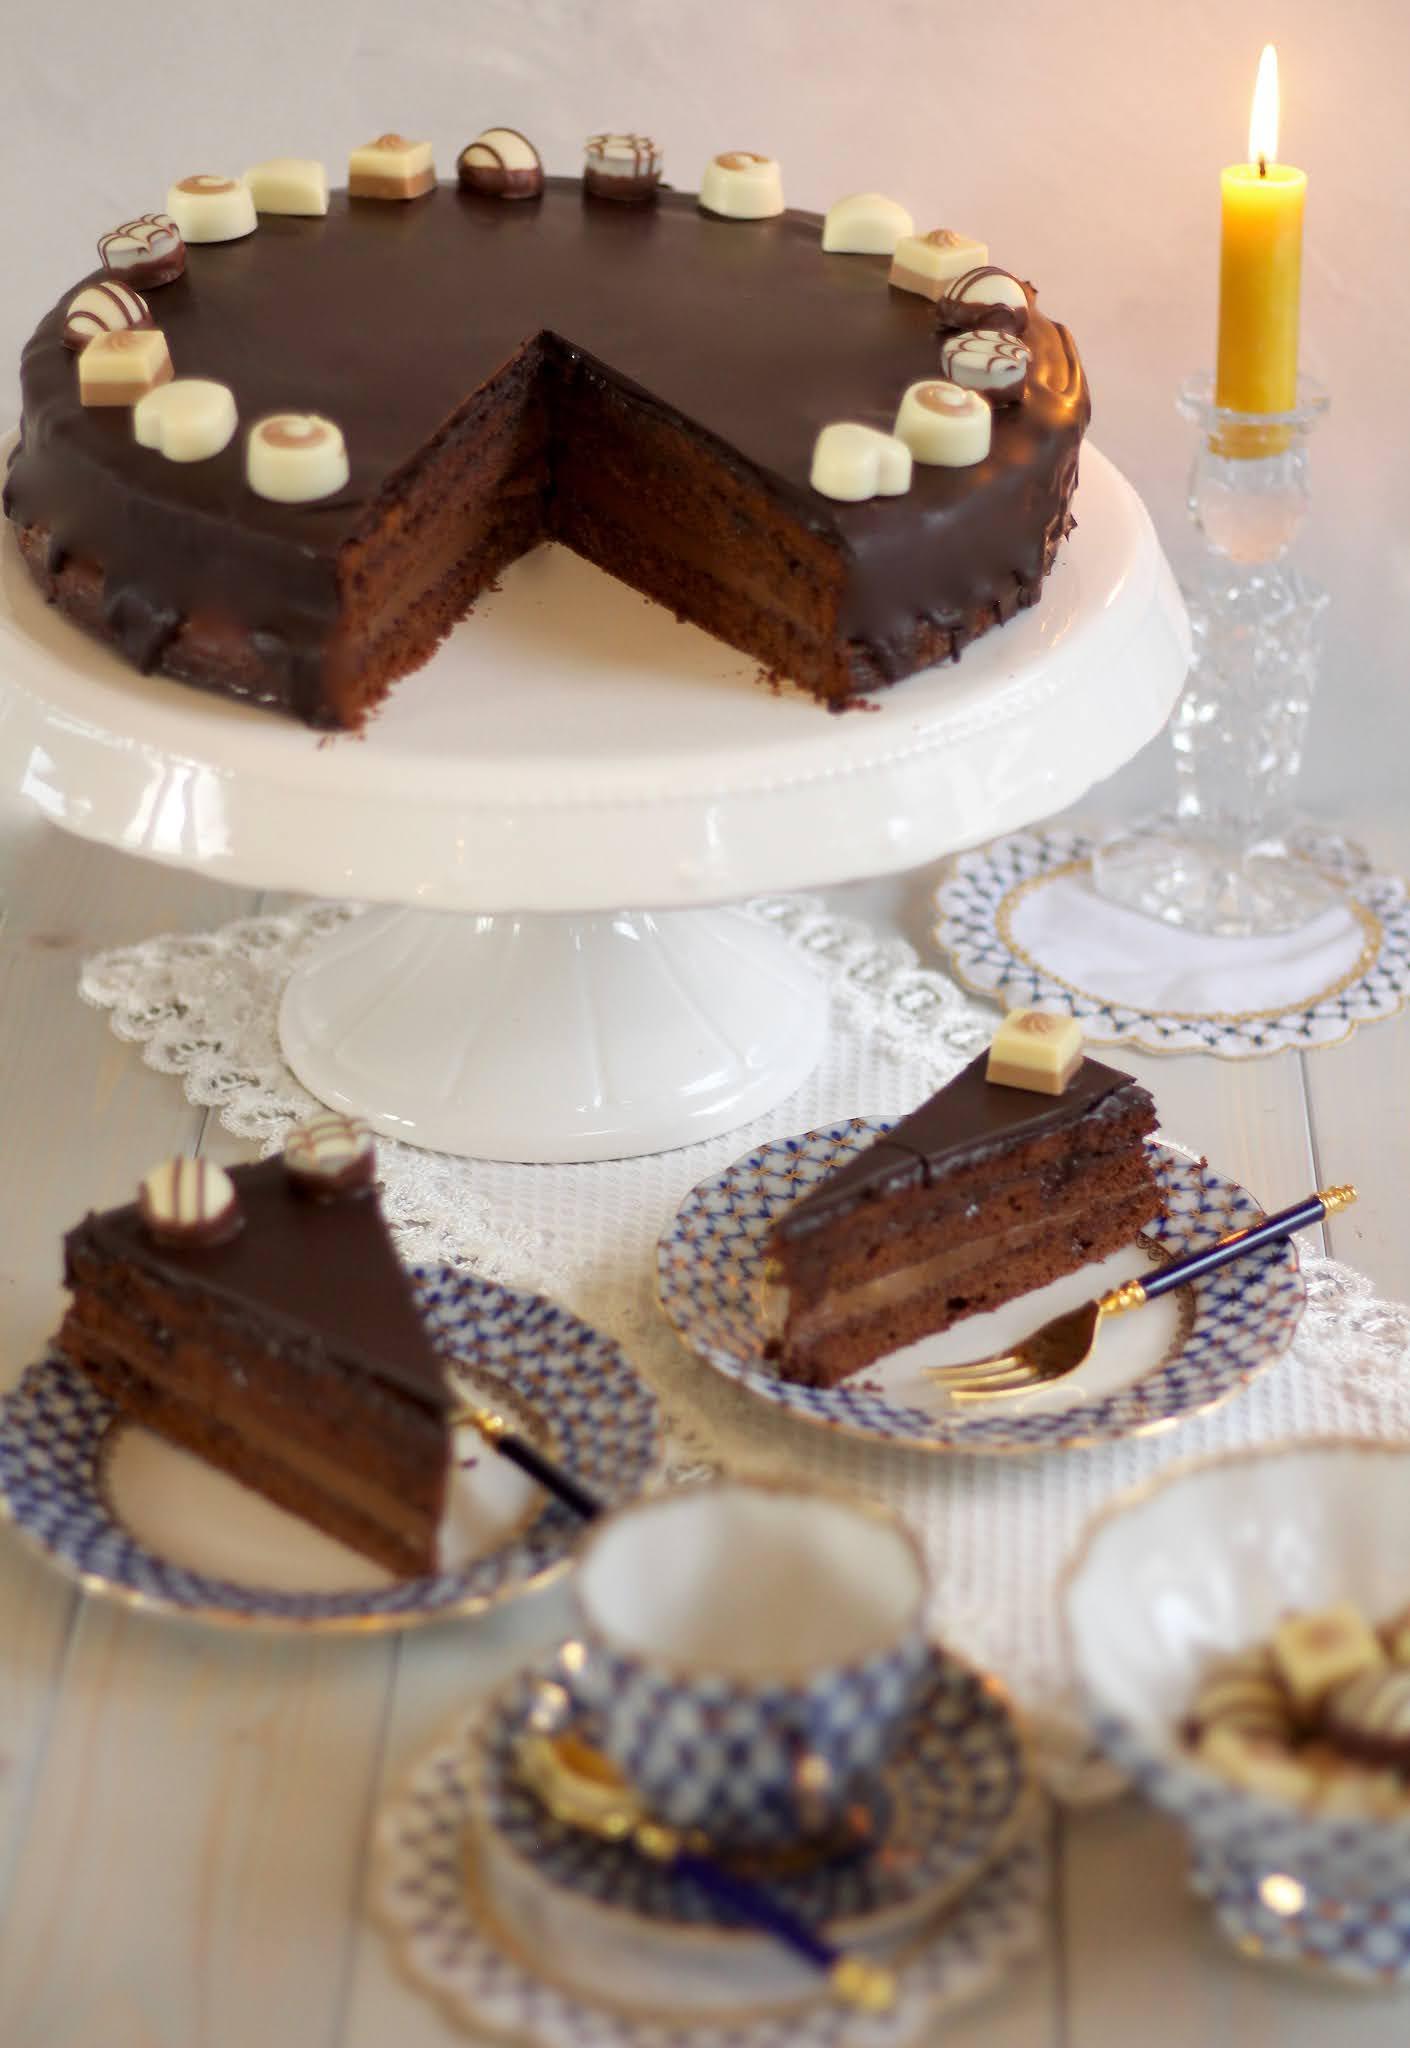 Saftige Schoko-Nougat-Torte /Wiener Kaffeehaus-Torte | Rezept, Video und Gewinnspiel von Sugarprincess